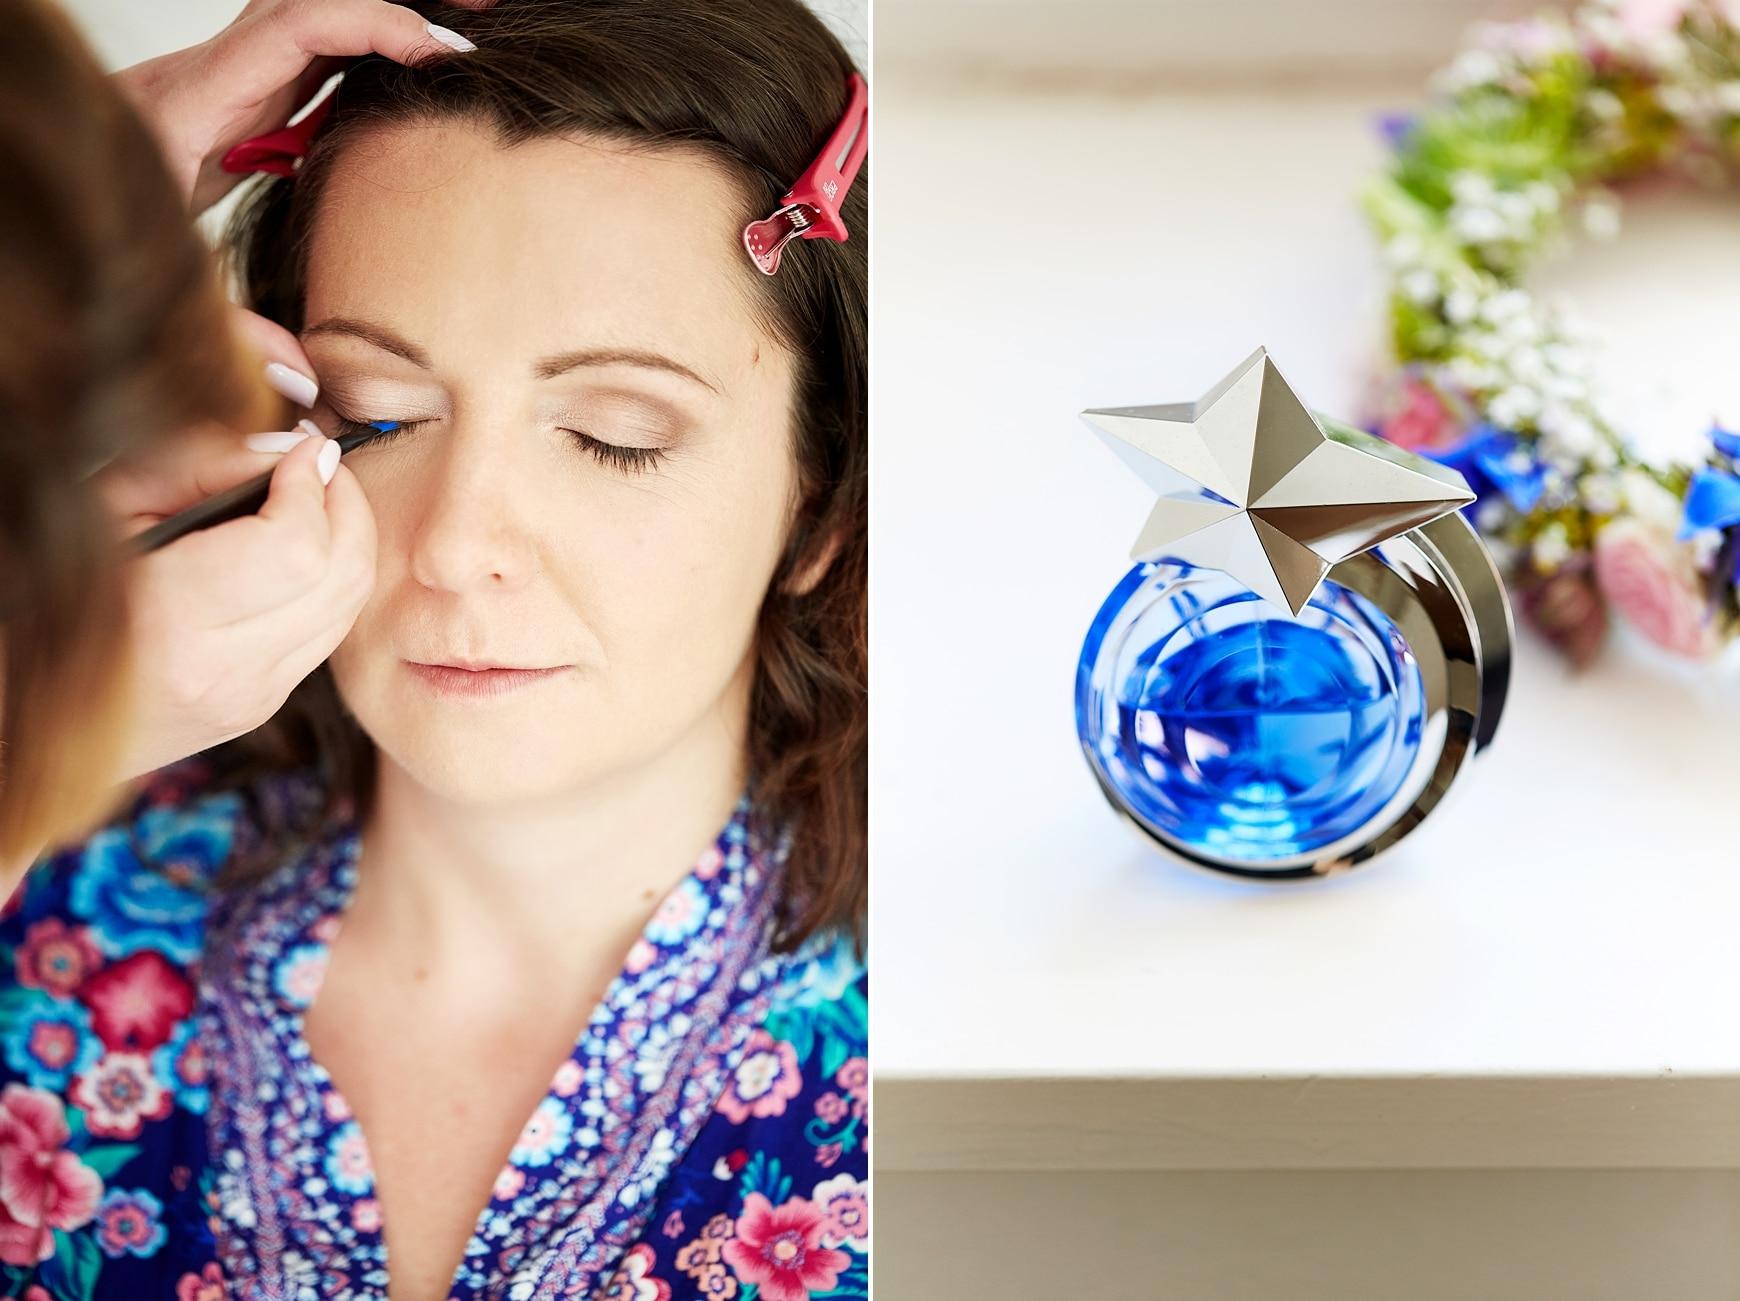 Ein Parfüm mit einem Sternverschluss